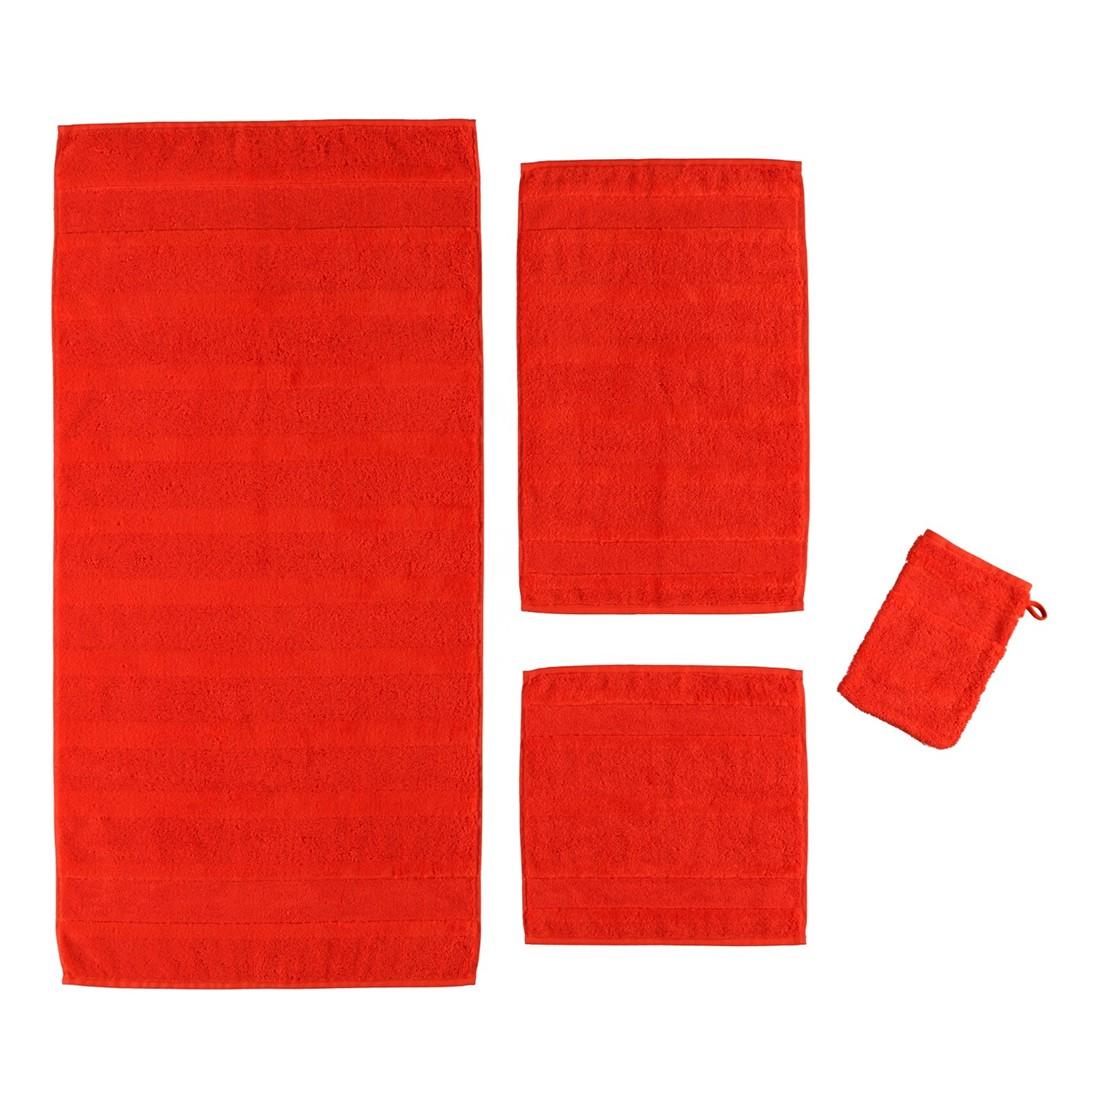 Handtuch Noblesse2 – 100% Baumwolle mohn – 208 – Gästetuch: 30 x 50 cm, Cawö günstig online kaufen